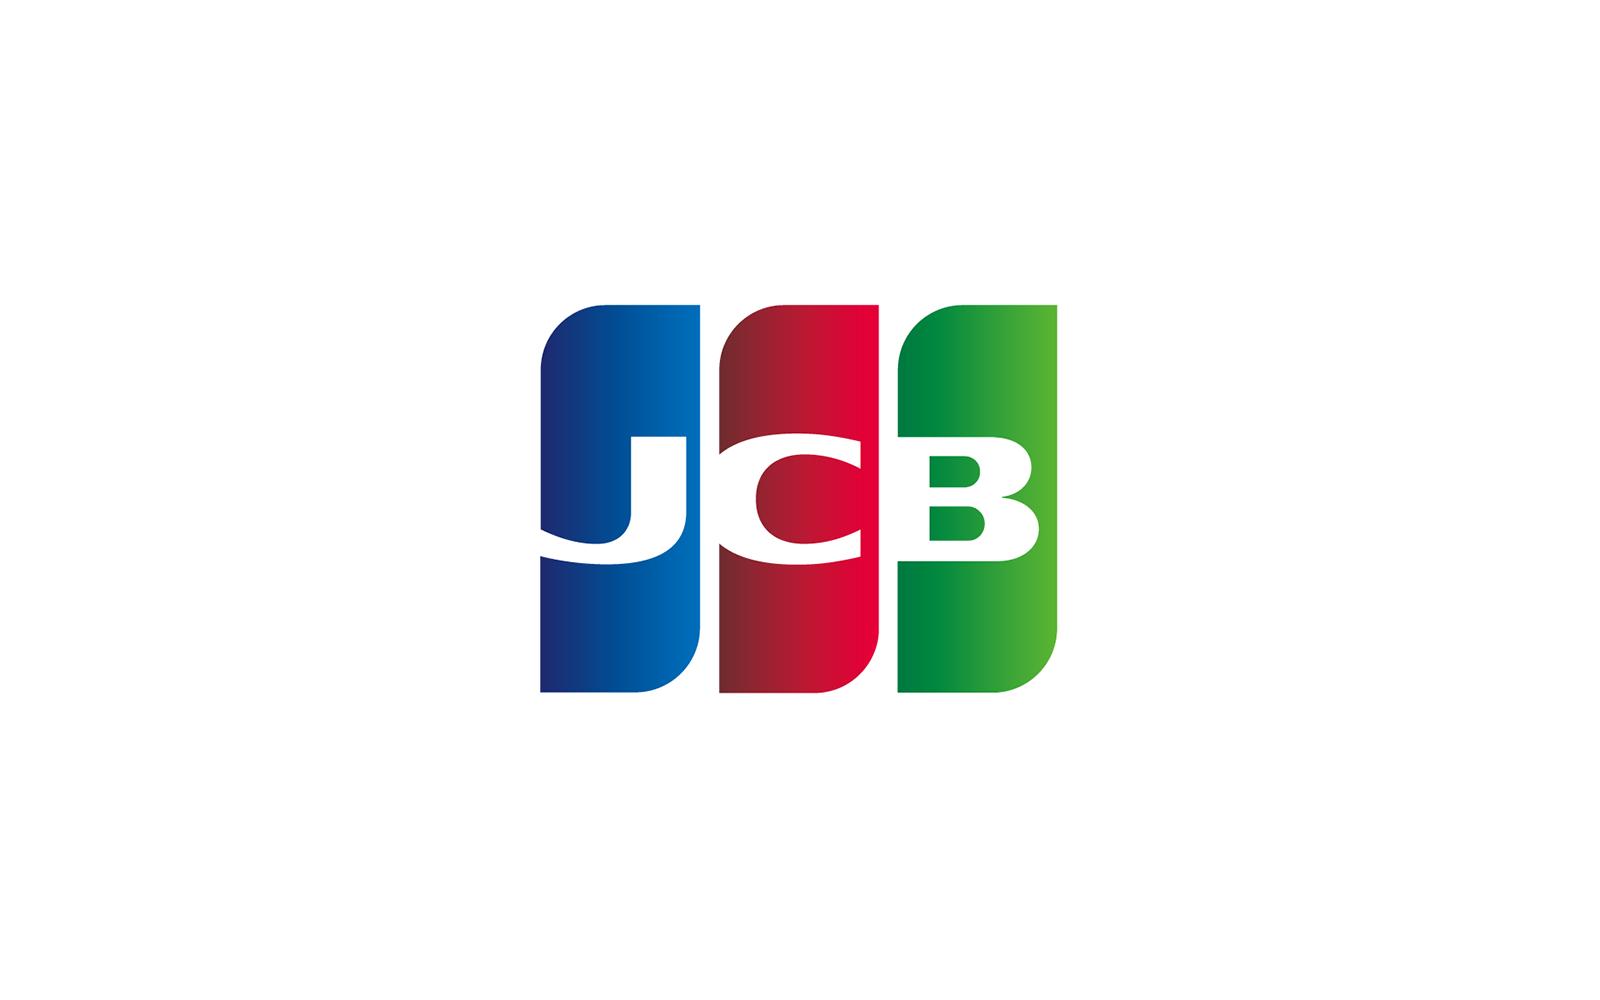 jcb emblem logo - Оплата онлайн